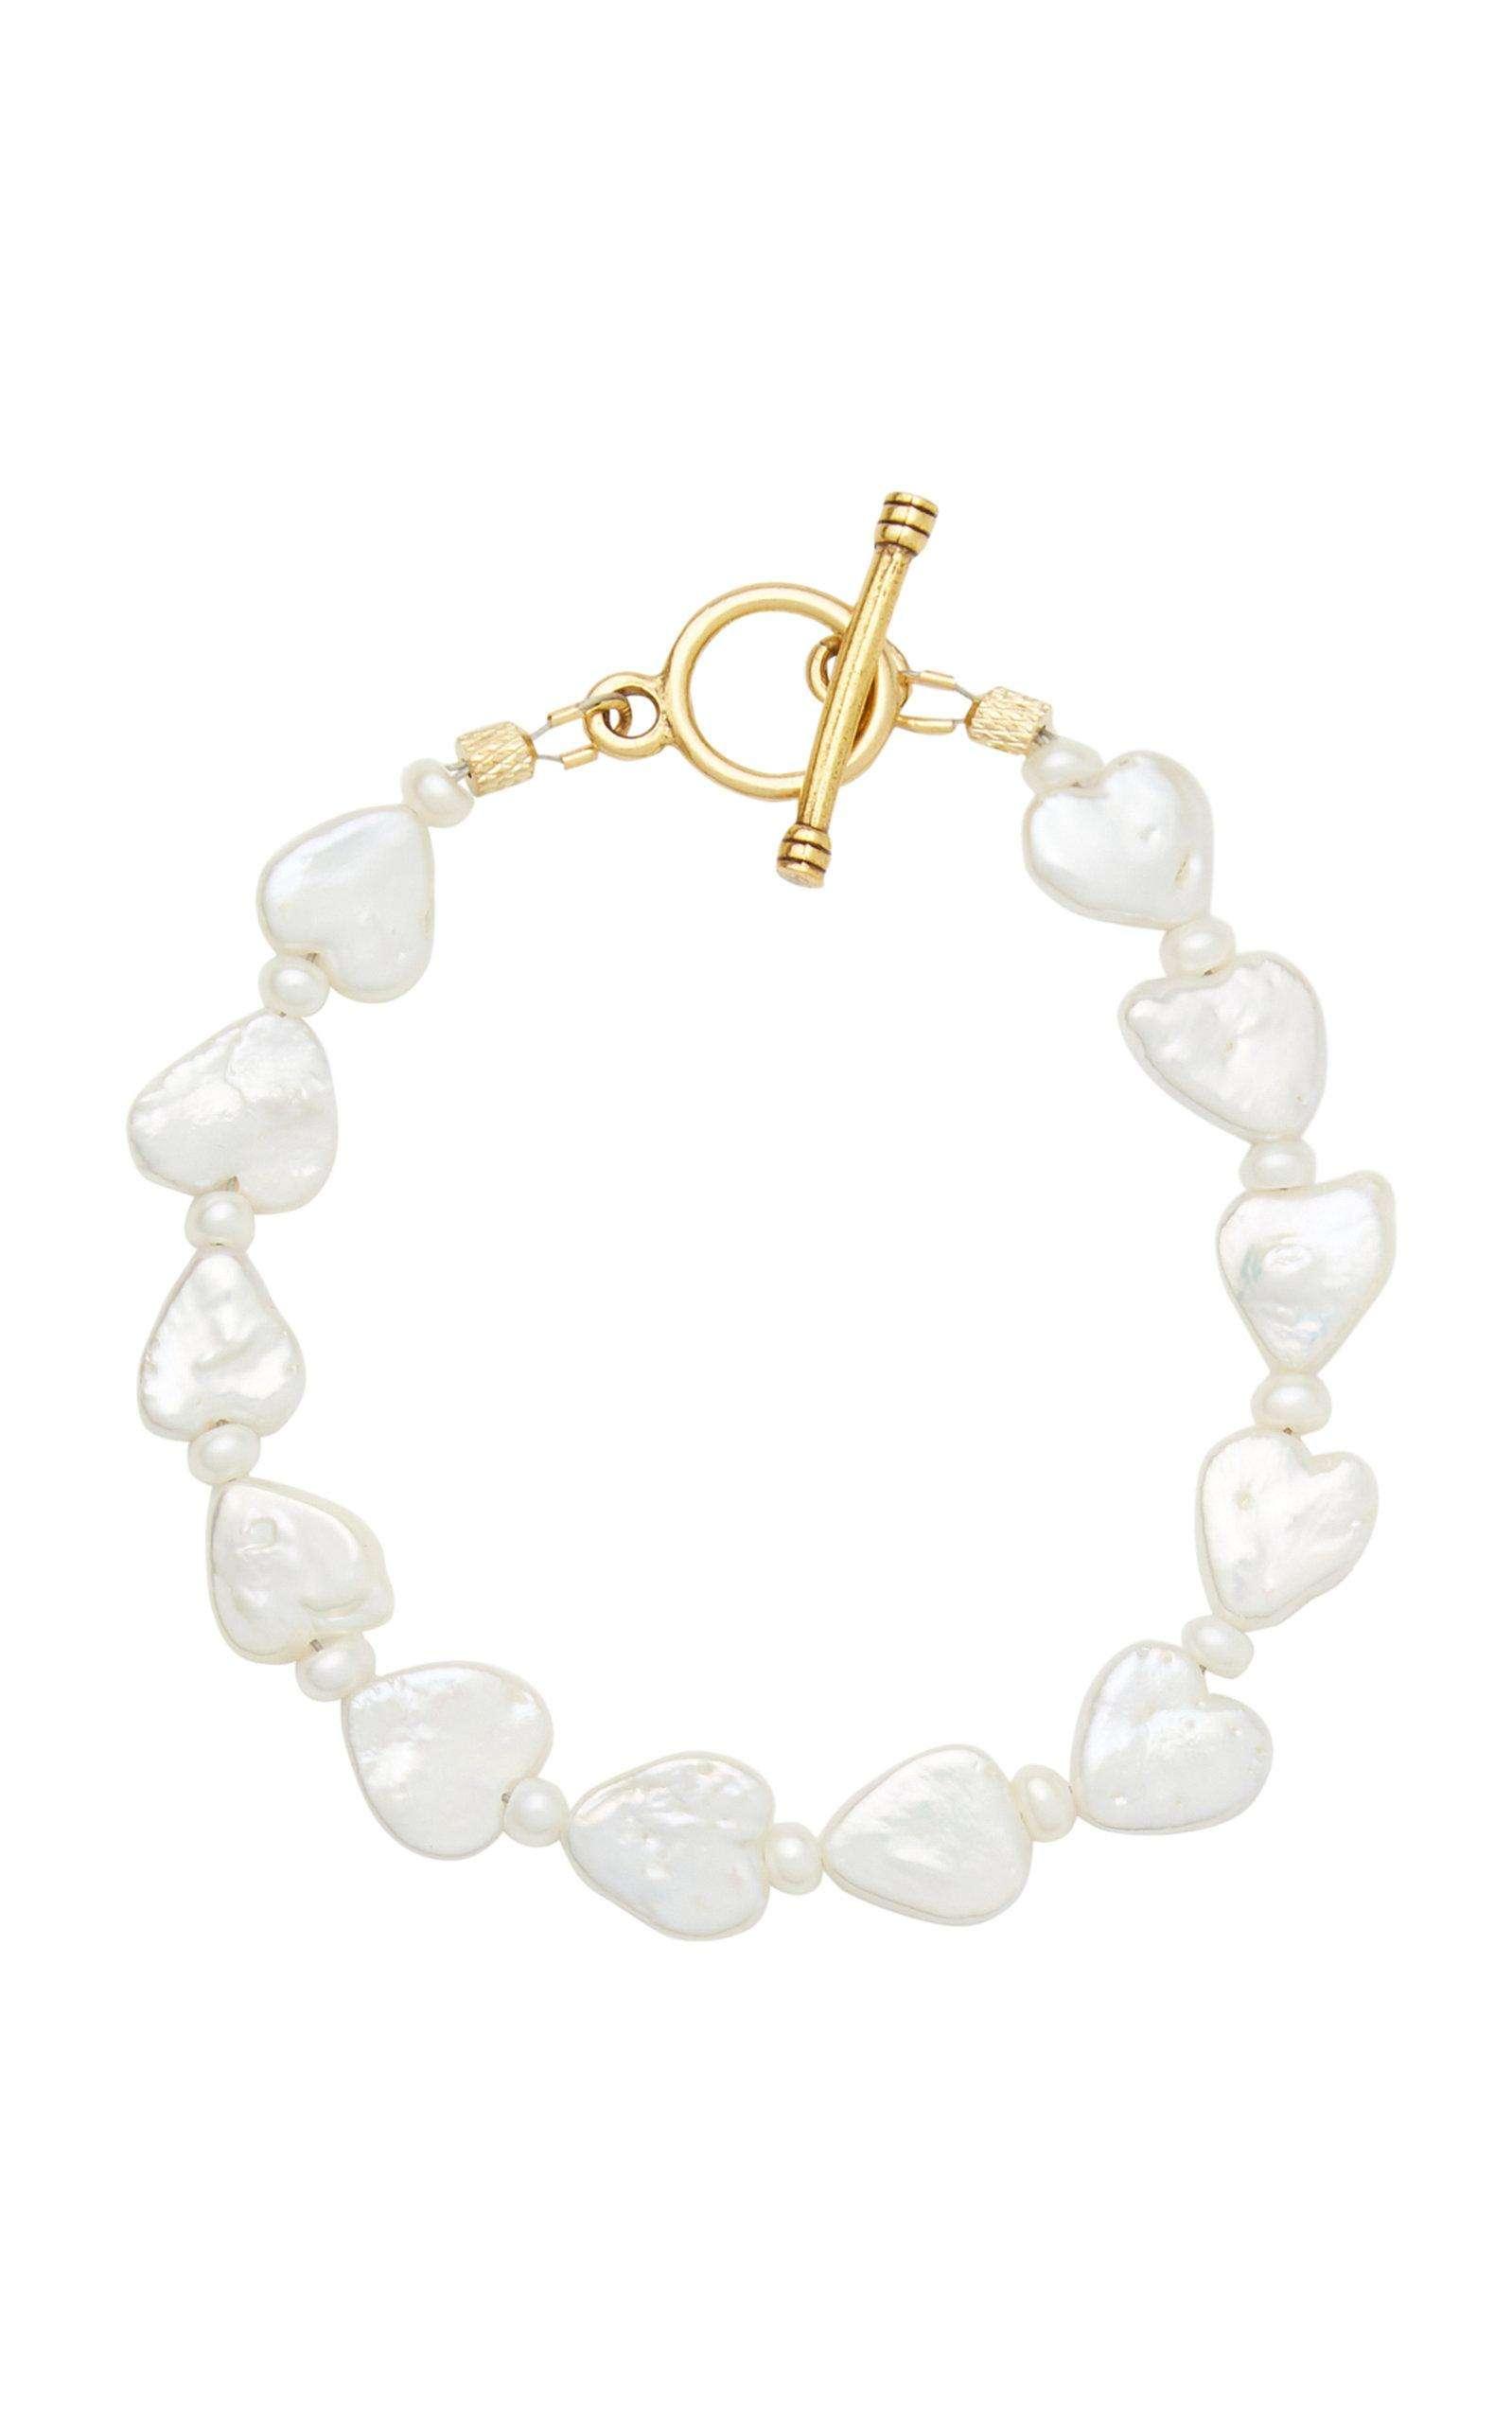 Resort Wear Finds Under $100: Pearl Bracelet | Rhyme & Reason